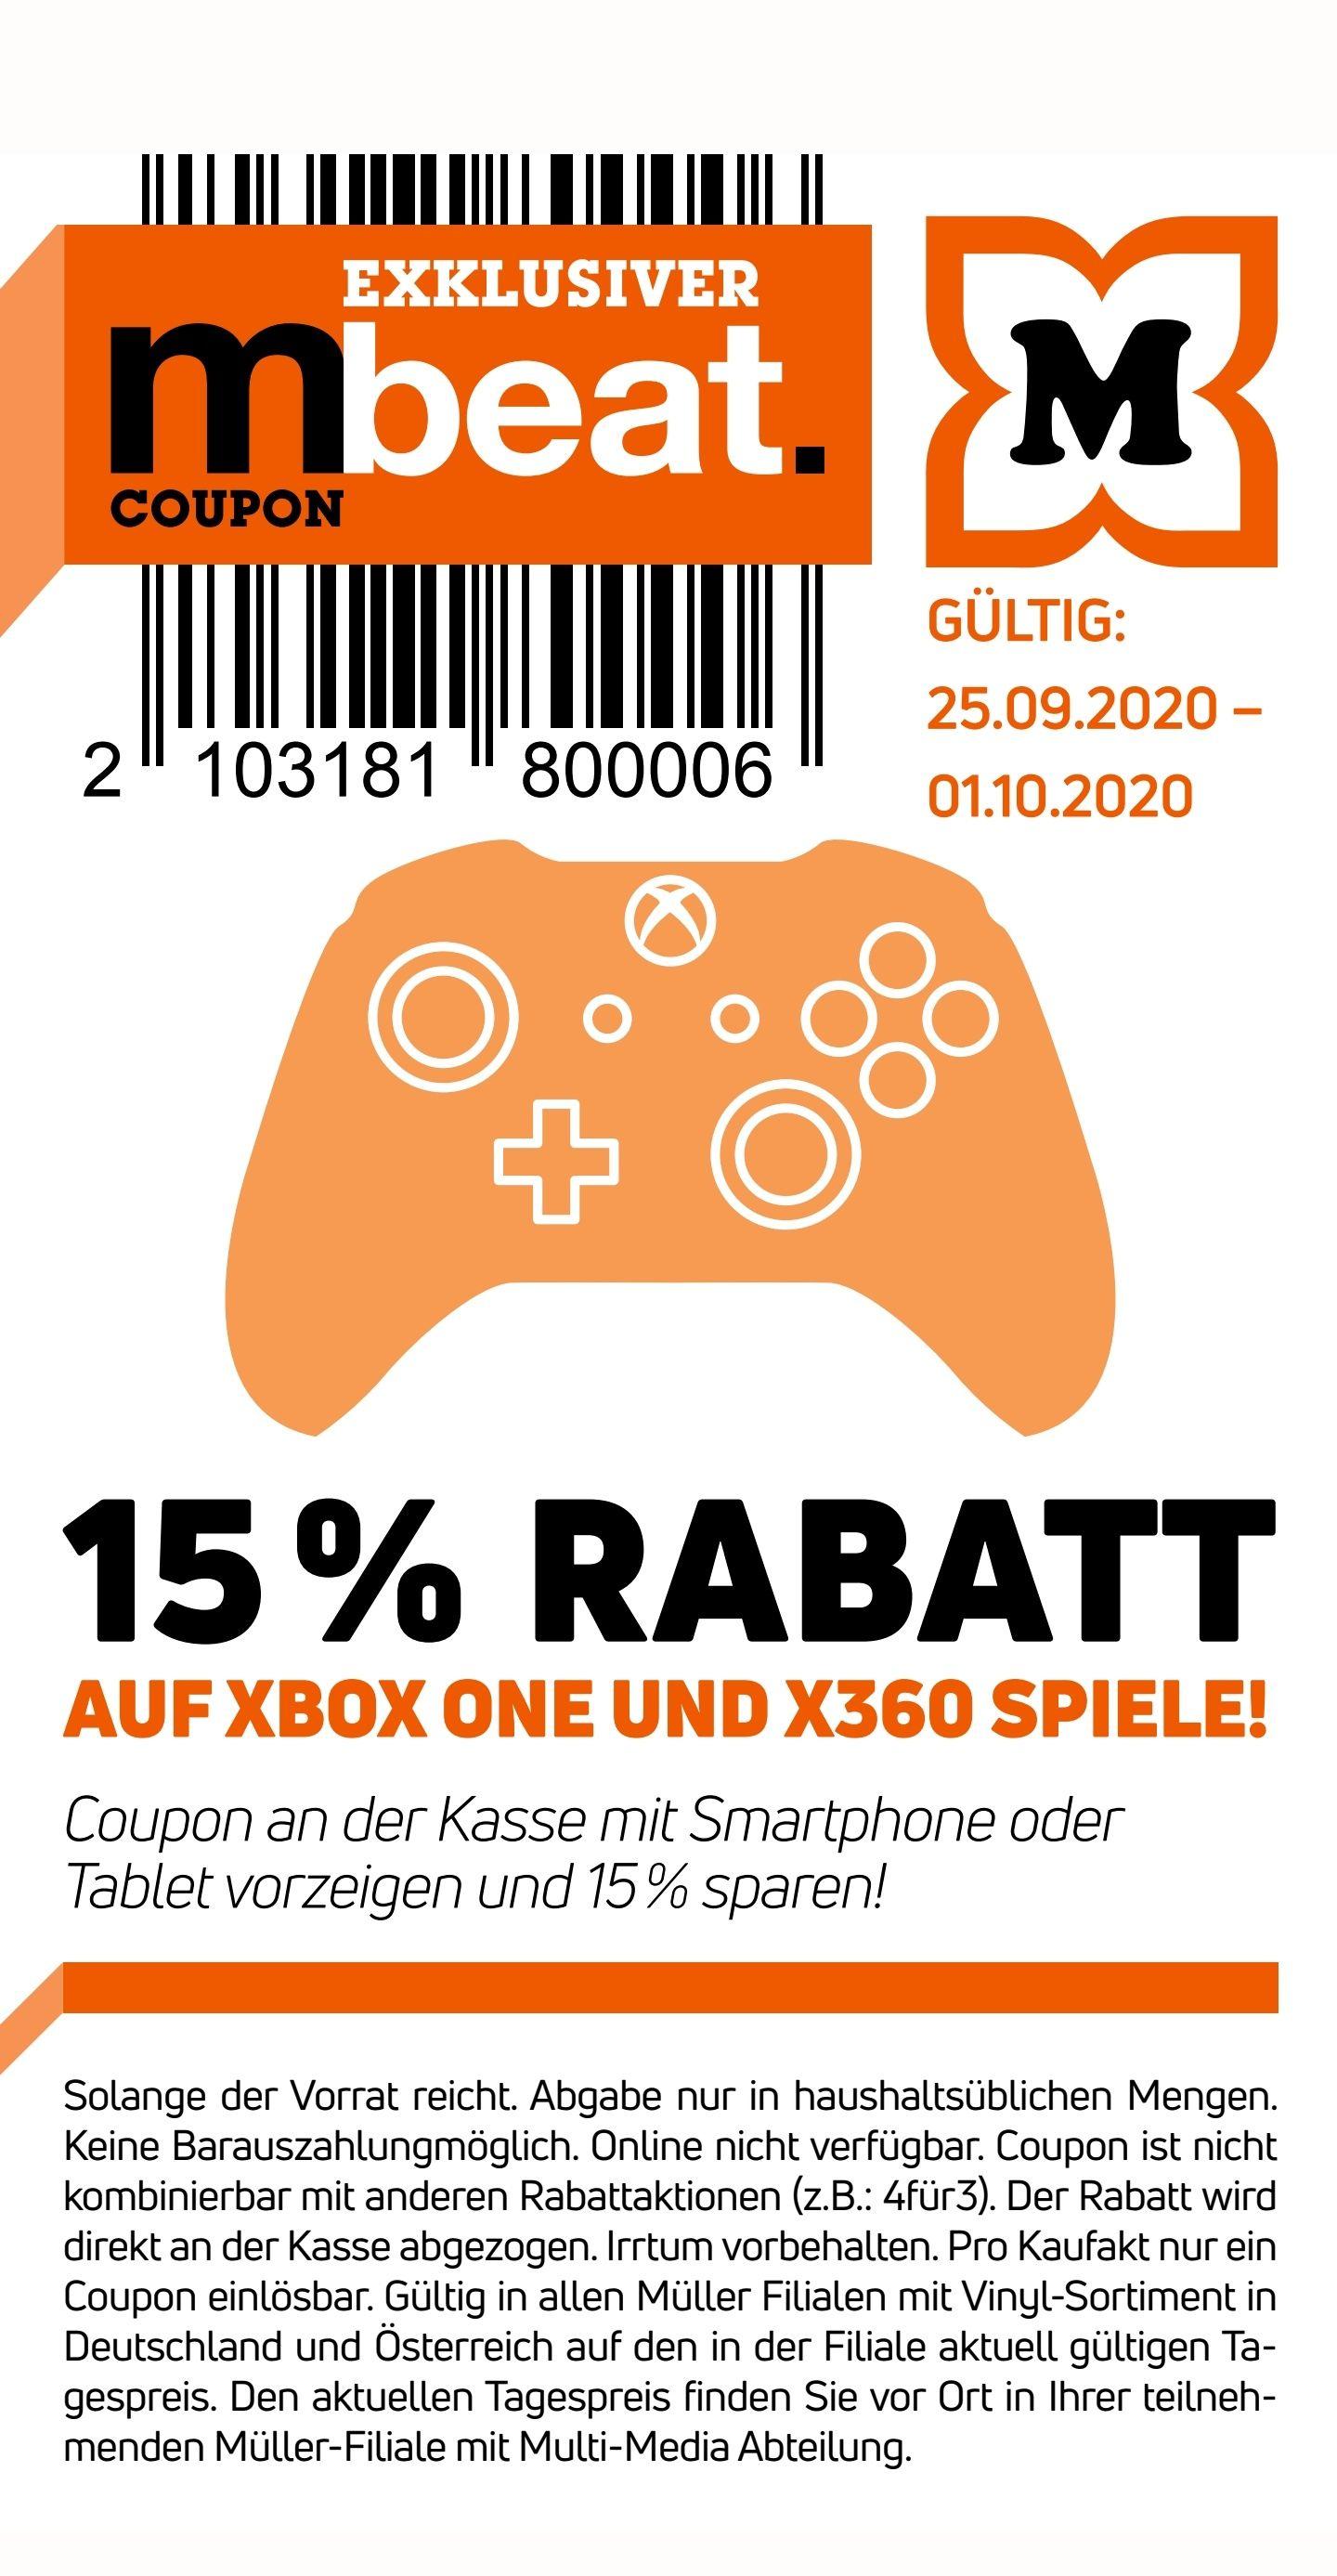 -15% auf alle Xbox one und Xbox 360 Spiele